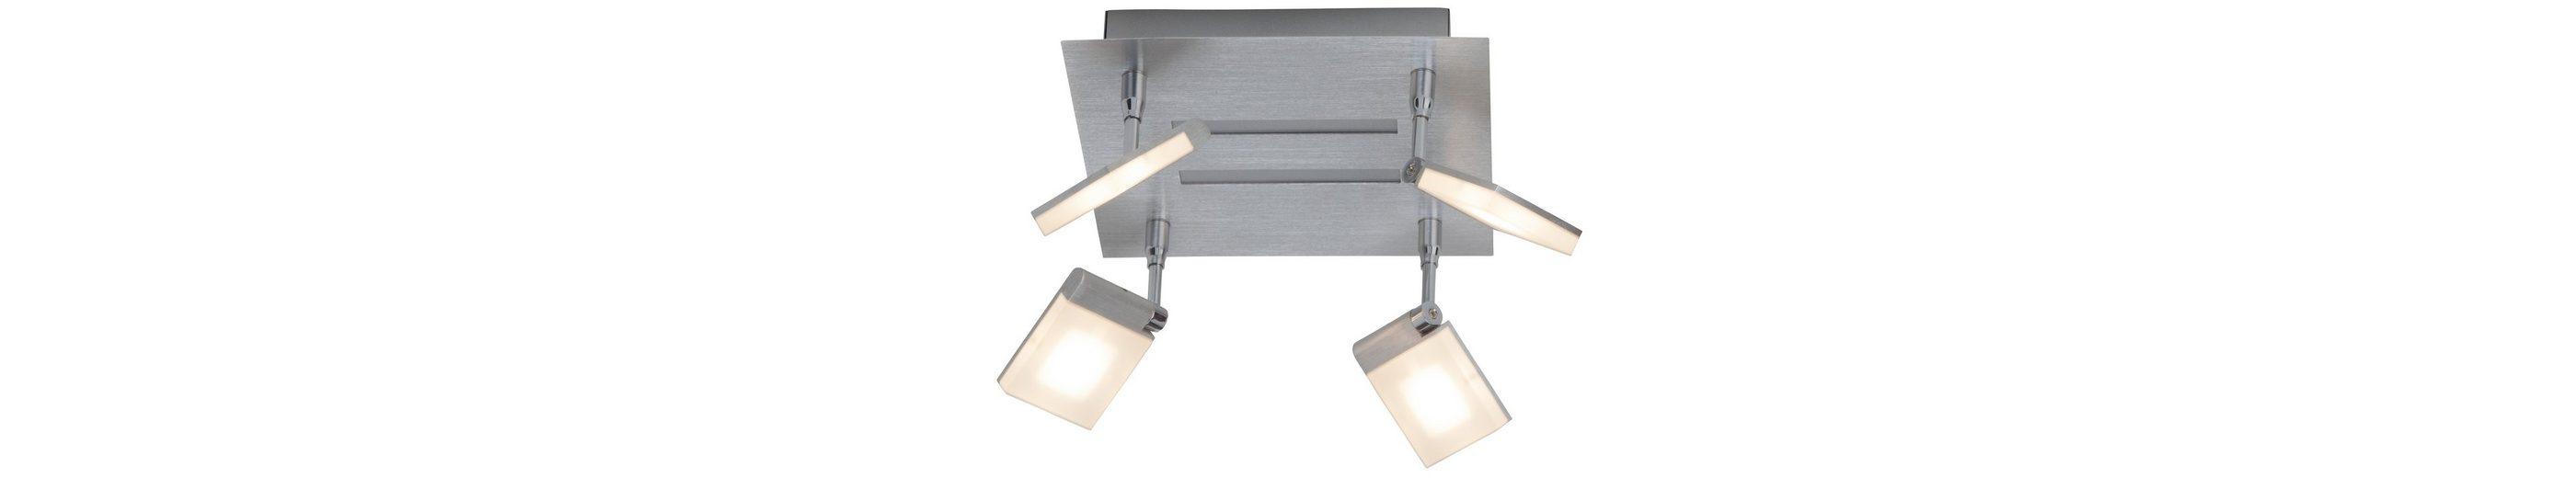 Brilliant Leuchten Deckenleuchte, inkl. LED-Leuchtmittel, 4 flammig